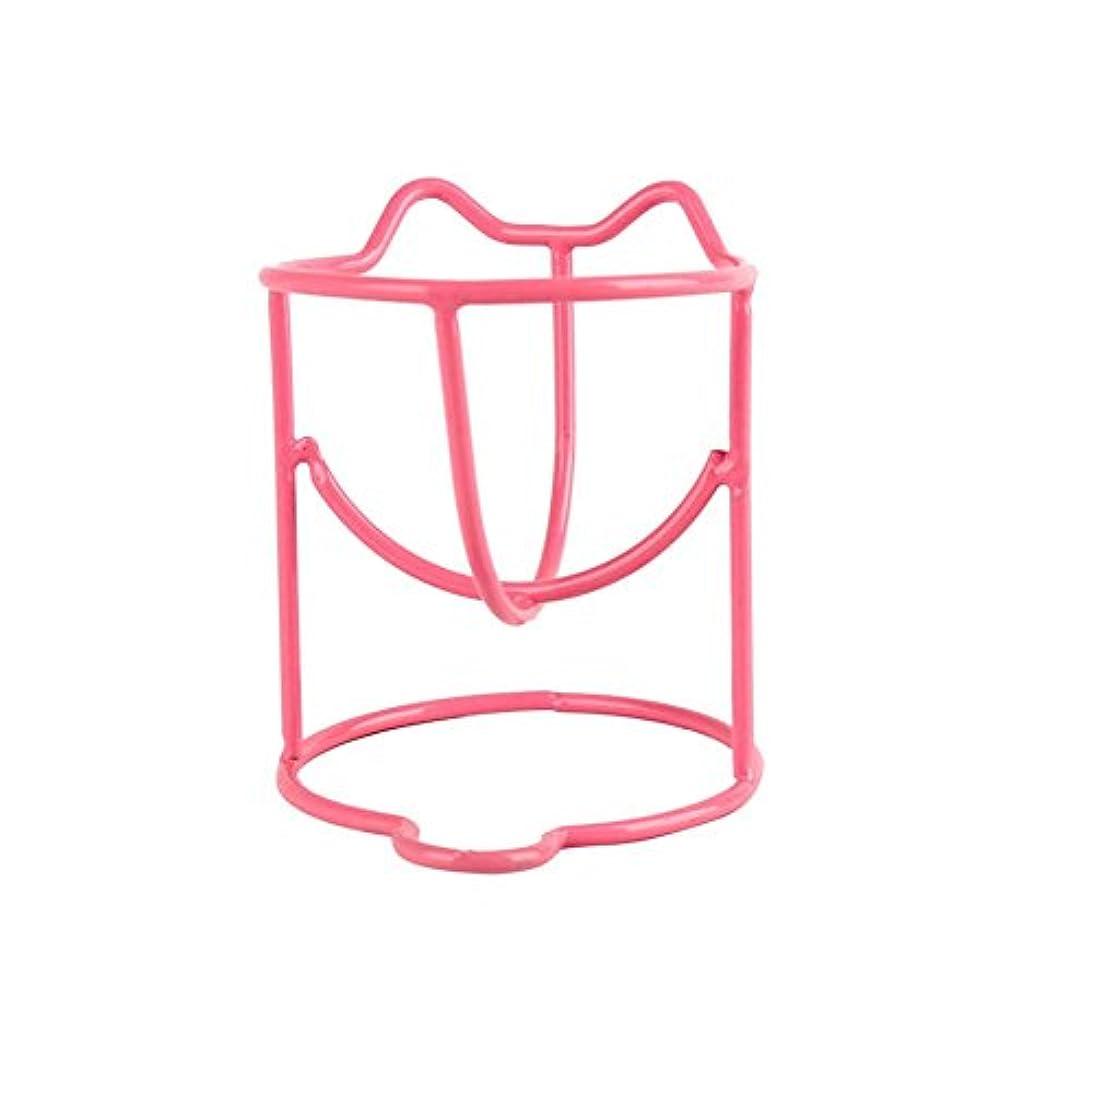 同盟干ばつ乳ファッションメイク卵パウダーパフスポンジディスプレイスタンド乾燥ホルダーラックのセット